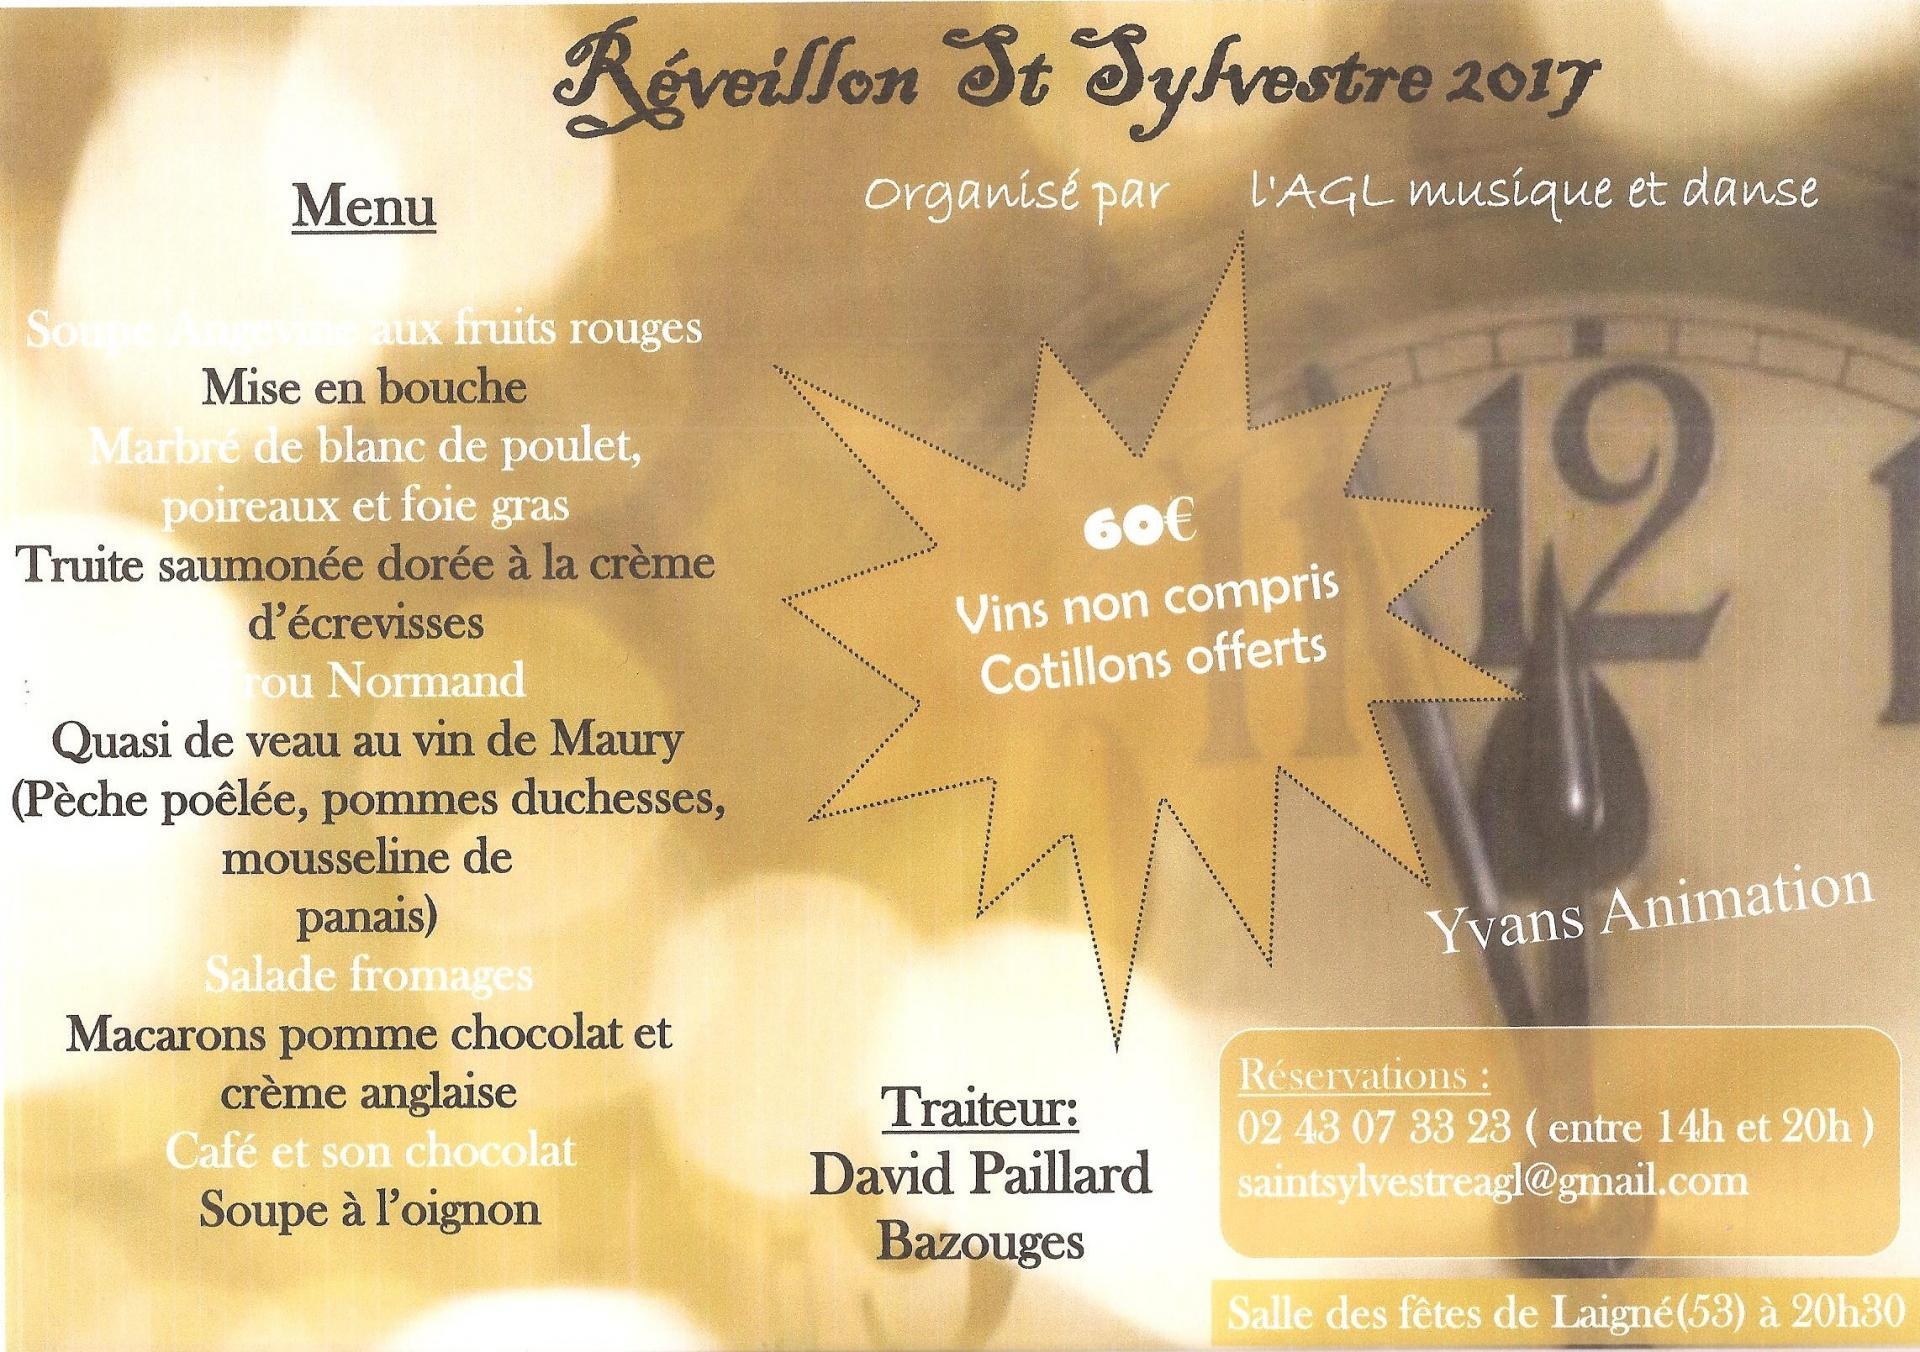 St Sylvestre 2017